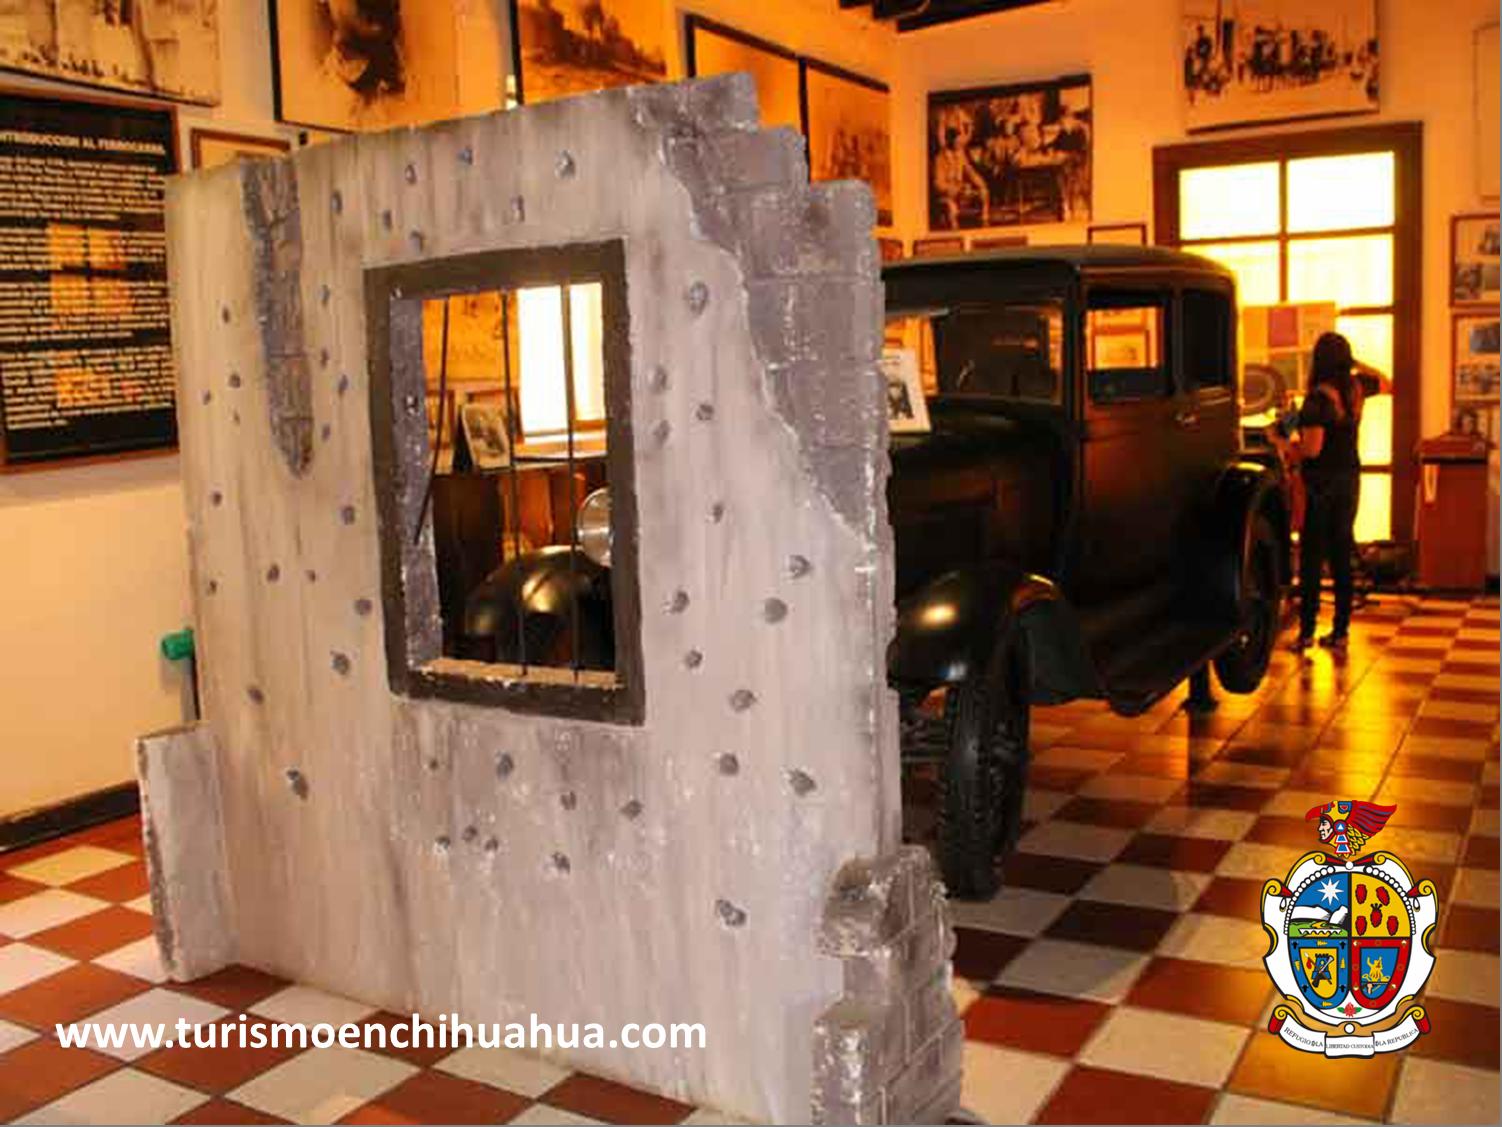 TURISMO EN CIUDAD JUÁREZ. El Museo Regional del Valle de Juárez cumple 56 años. Creado por el profesor Robles Flores, quién era director de la primaria, se dio cuenta del saqueo de las piezas naturales en el área por lo que organizó con los niños la recolección de objetos en la zona, mismos que ahora forman parte de este museo. Le invitamos a visitarlo en su próximo viaje a Chihuahua. #visitachihuahua